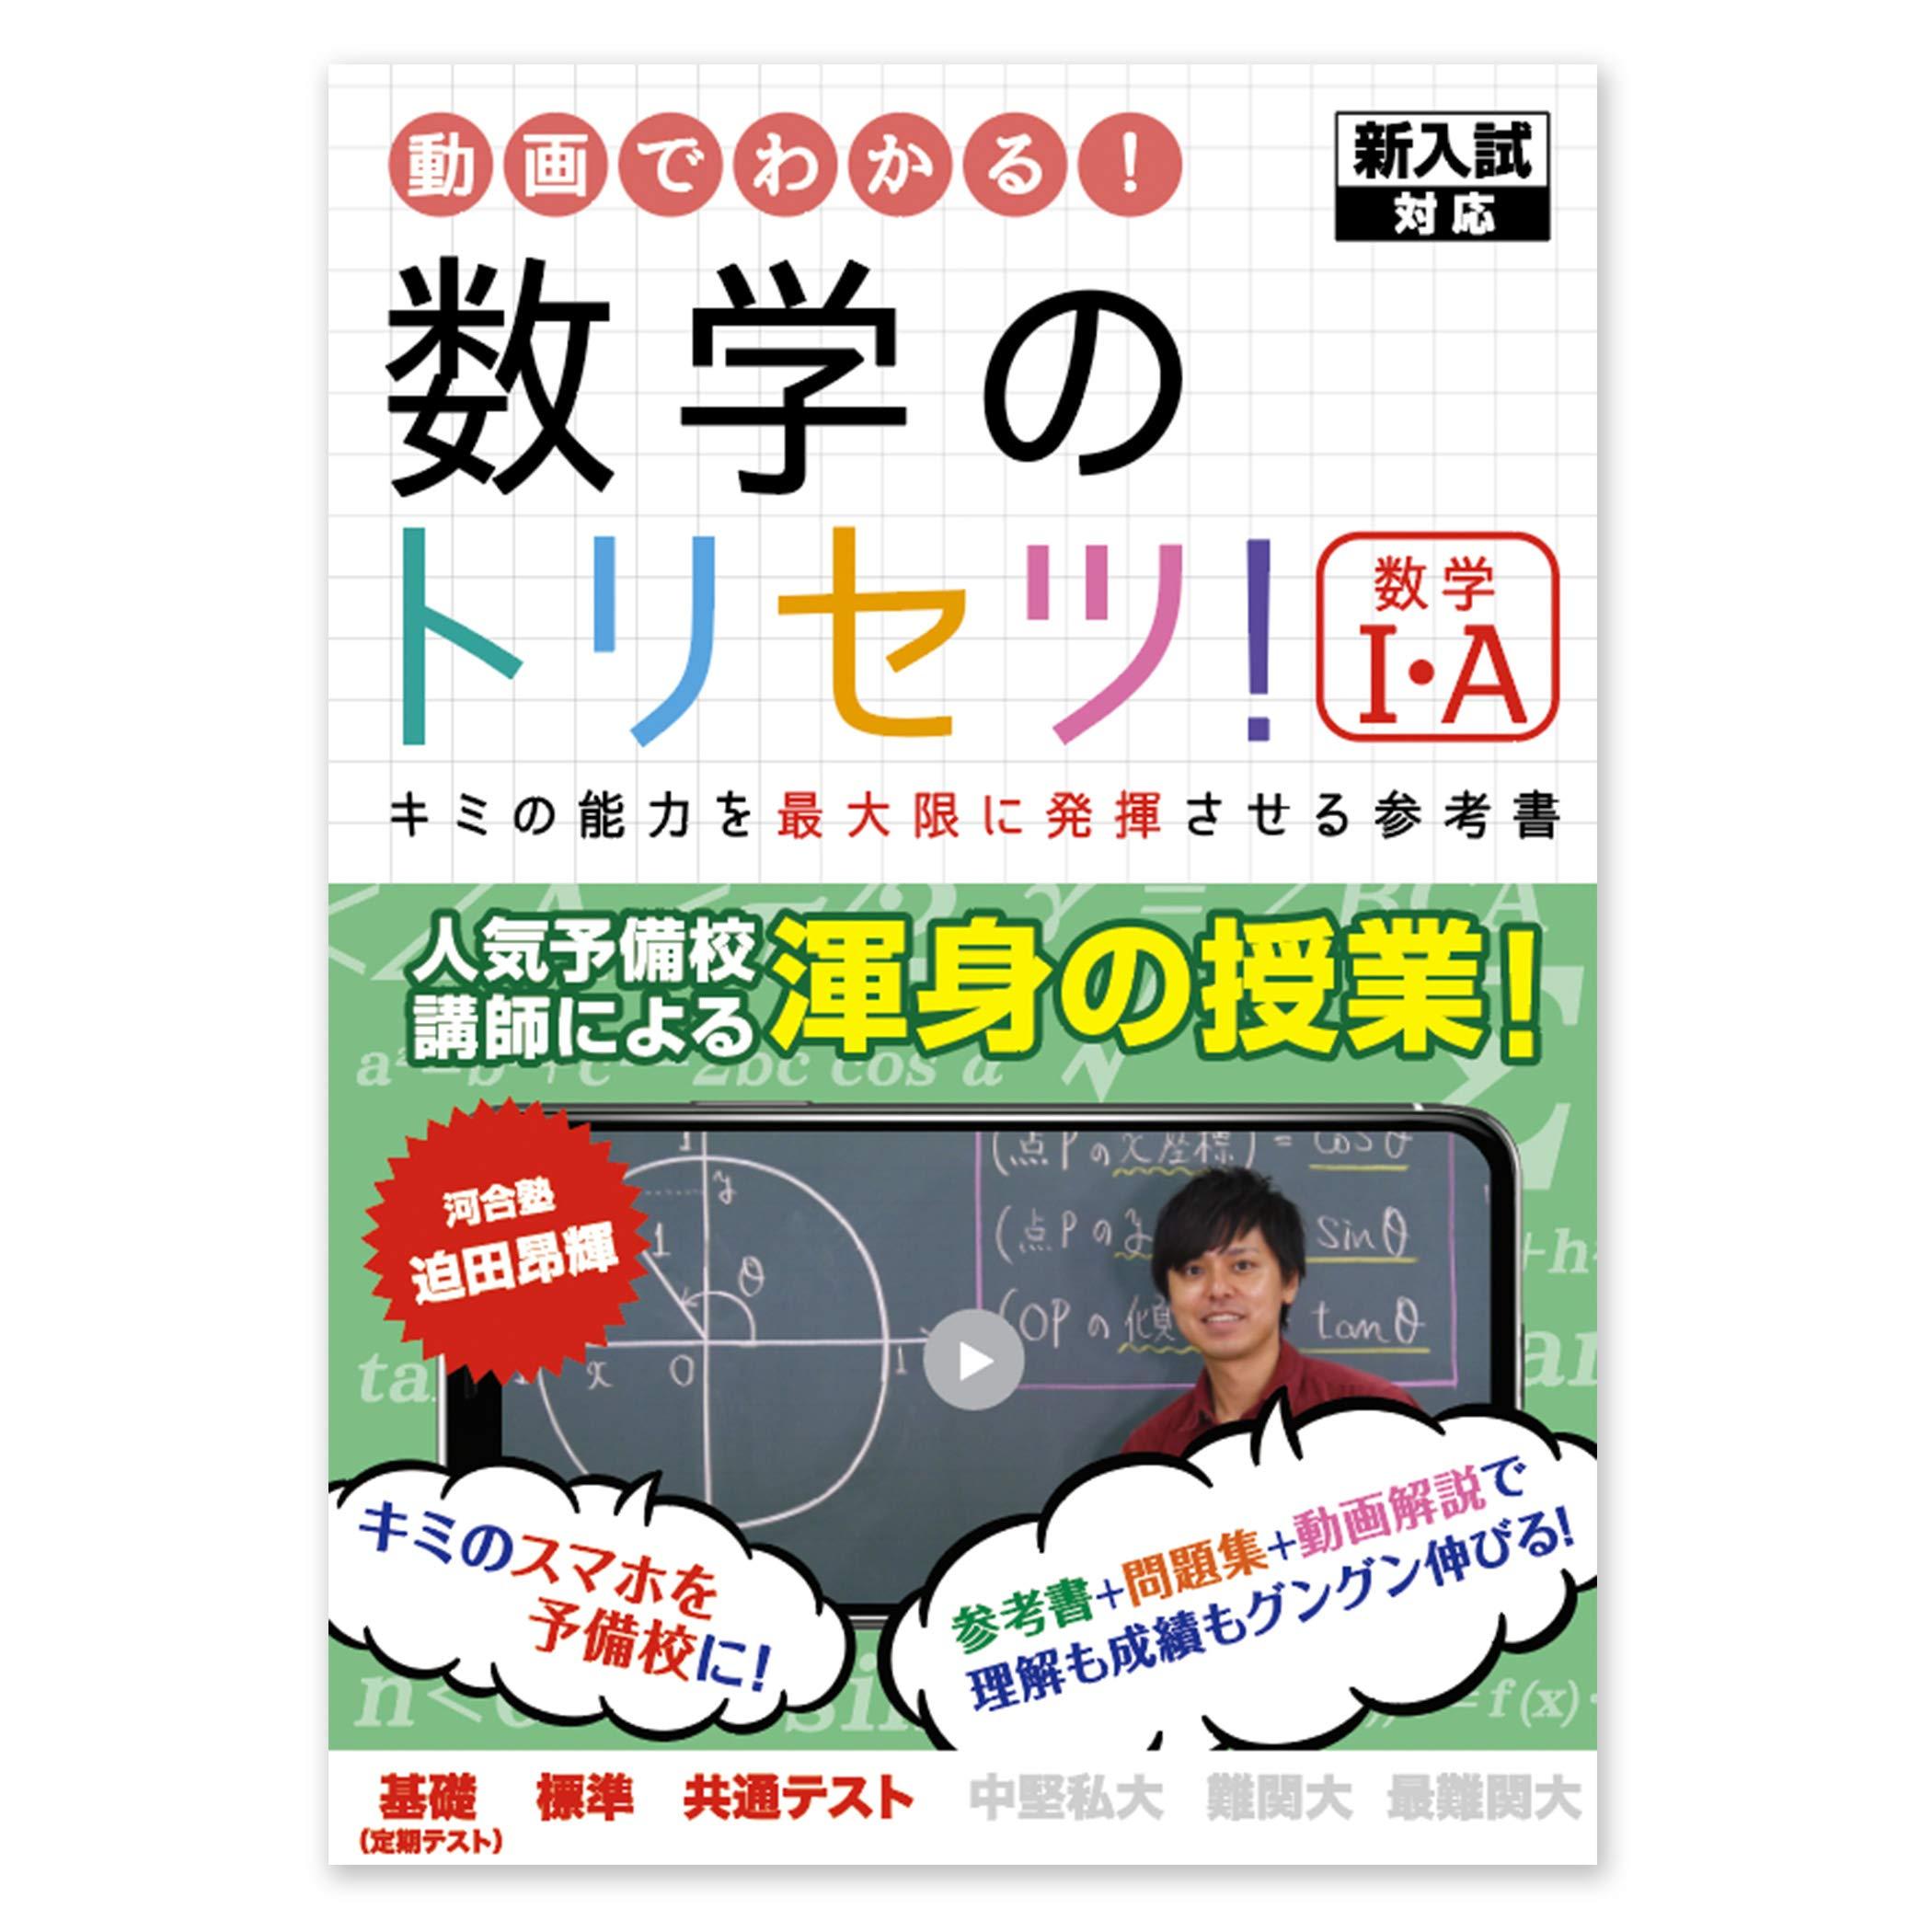 数学のおすすめ参考書・問題集『数学のトリセツ!』